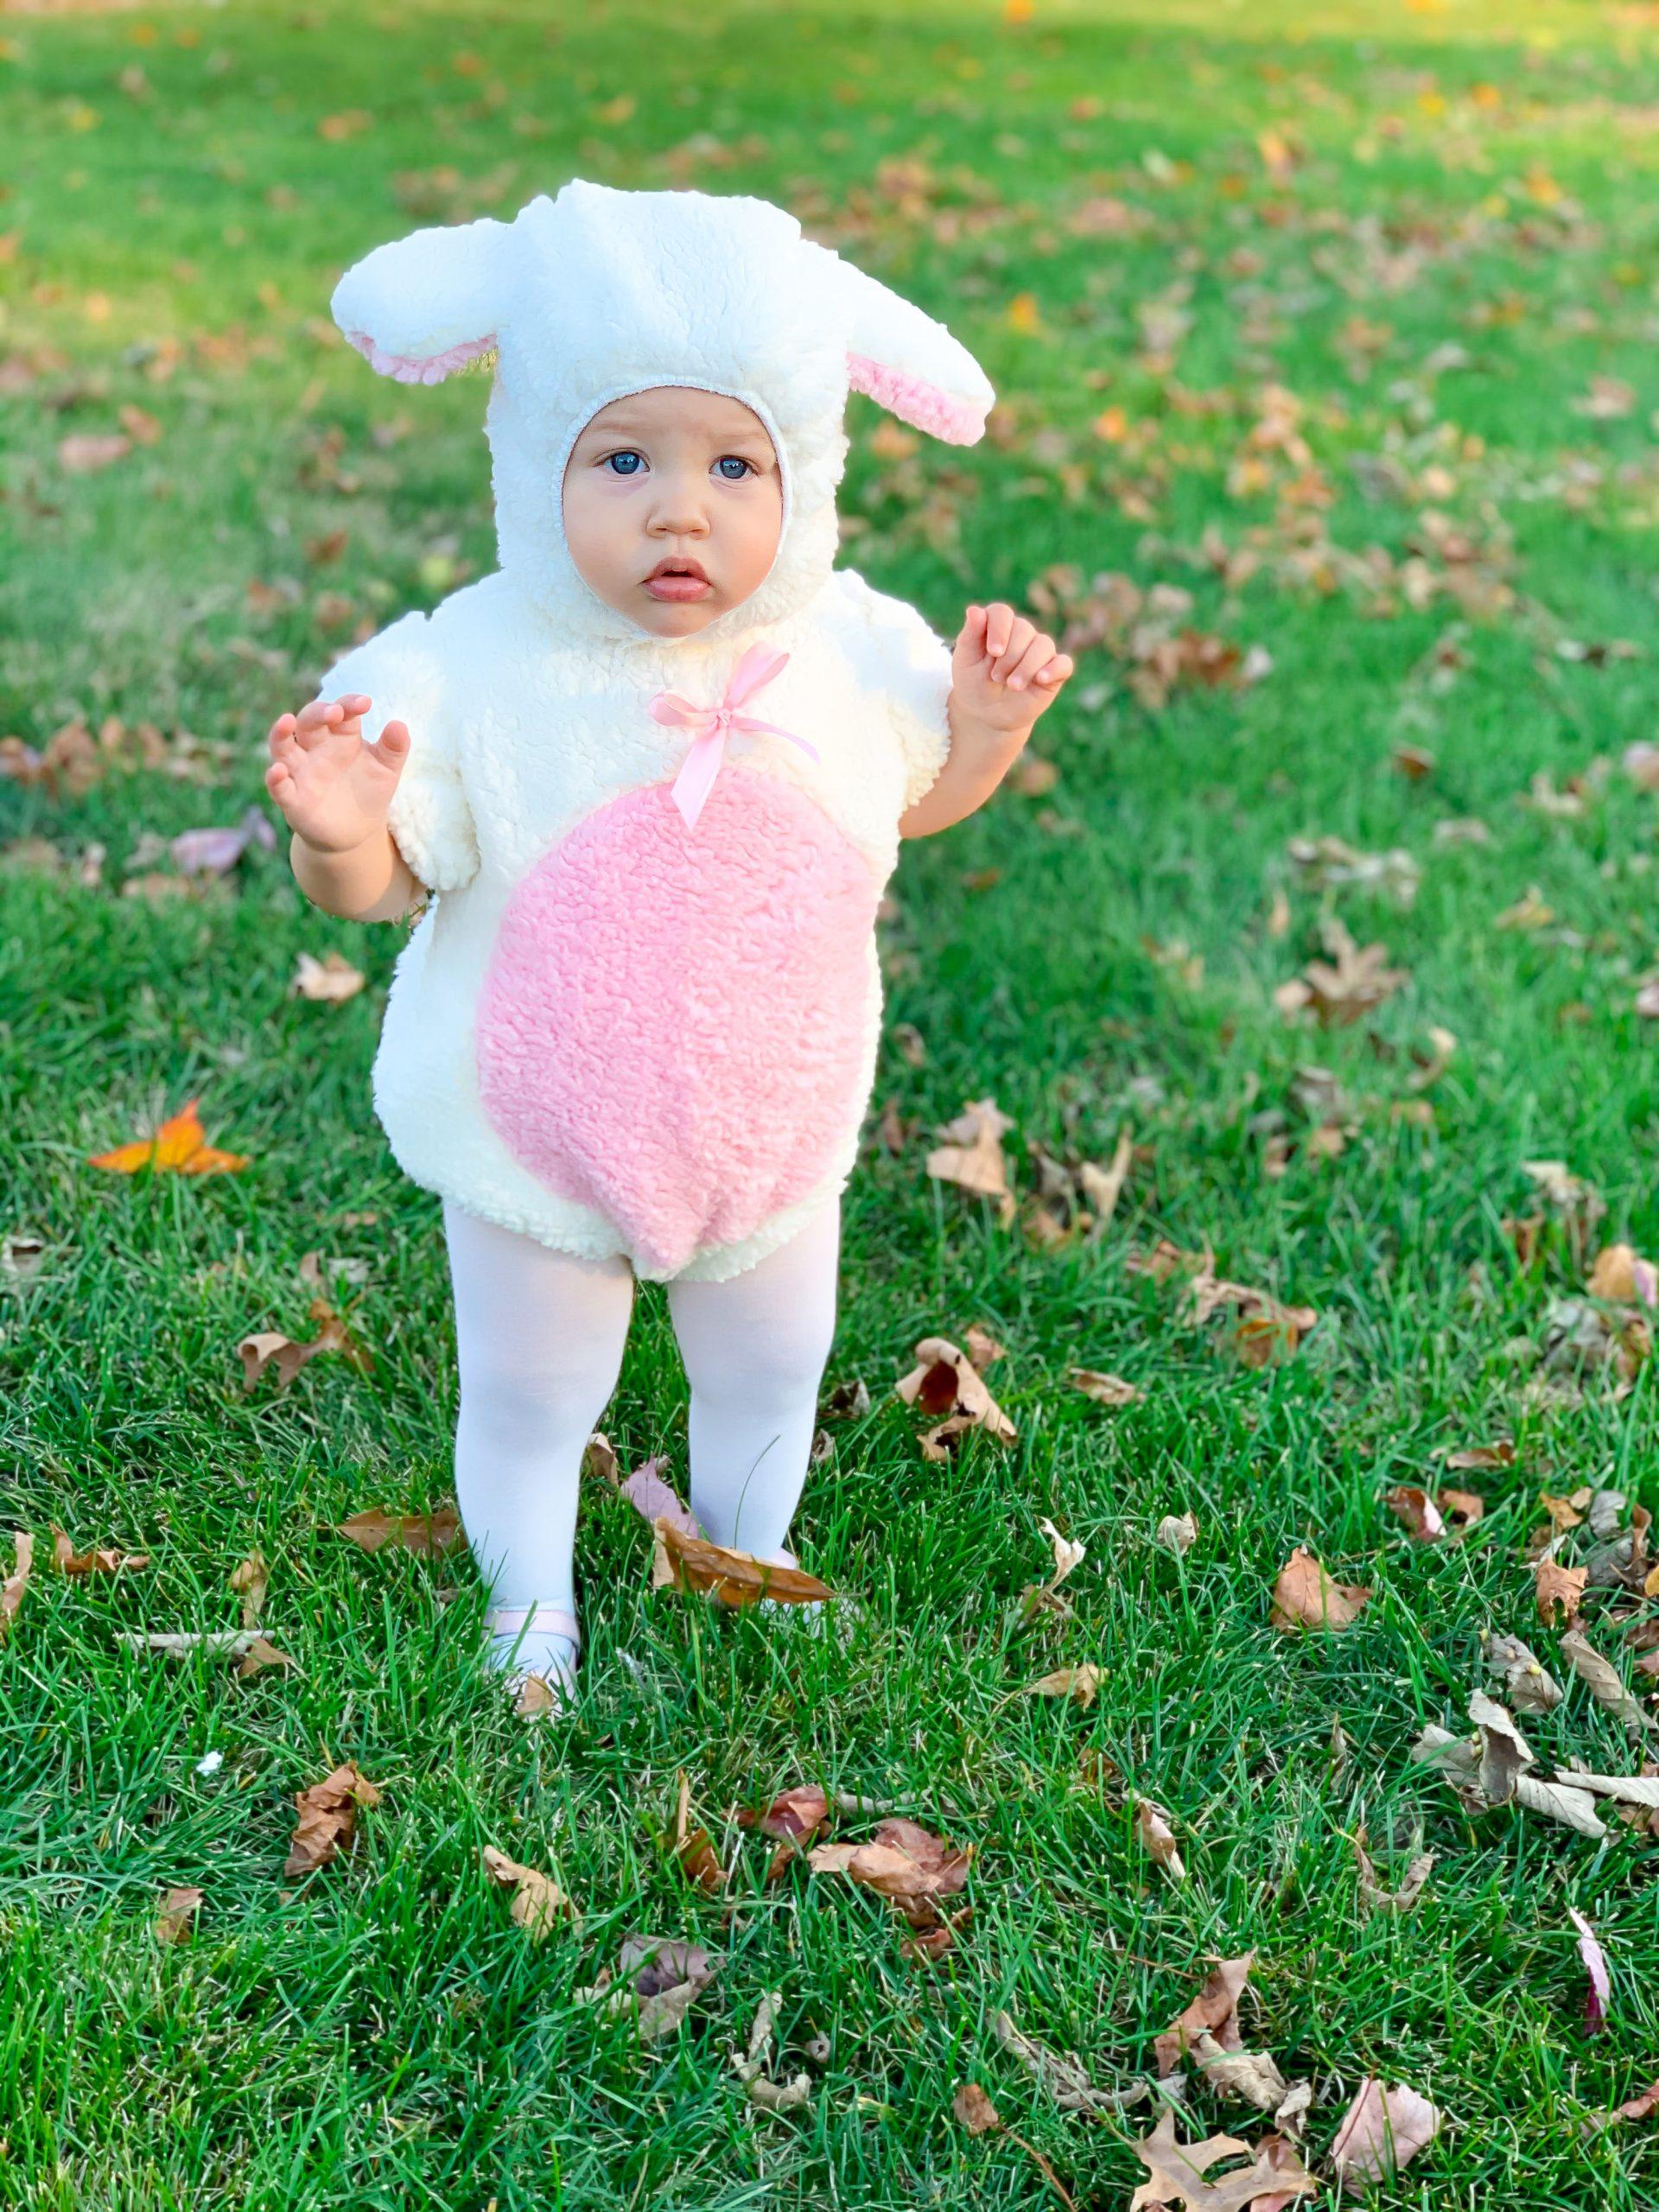 baby girl costume, baby girl Halloween costume, baby lamb costume, girls' lamb costume, cutest baby costumes, pink Halloween costumes